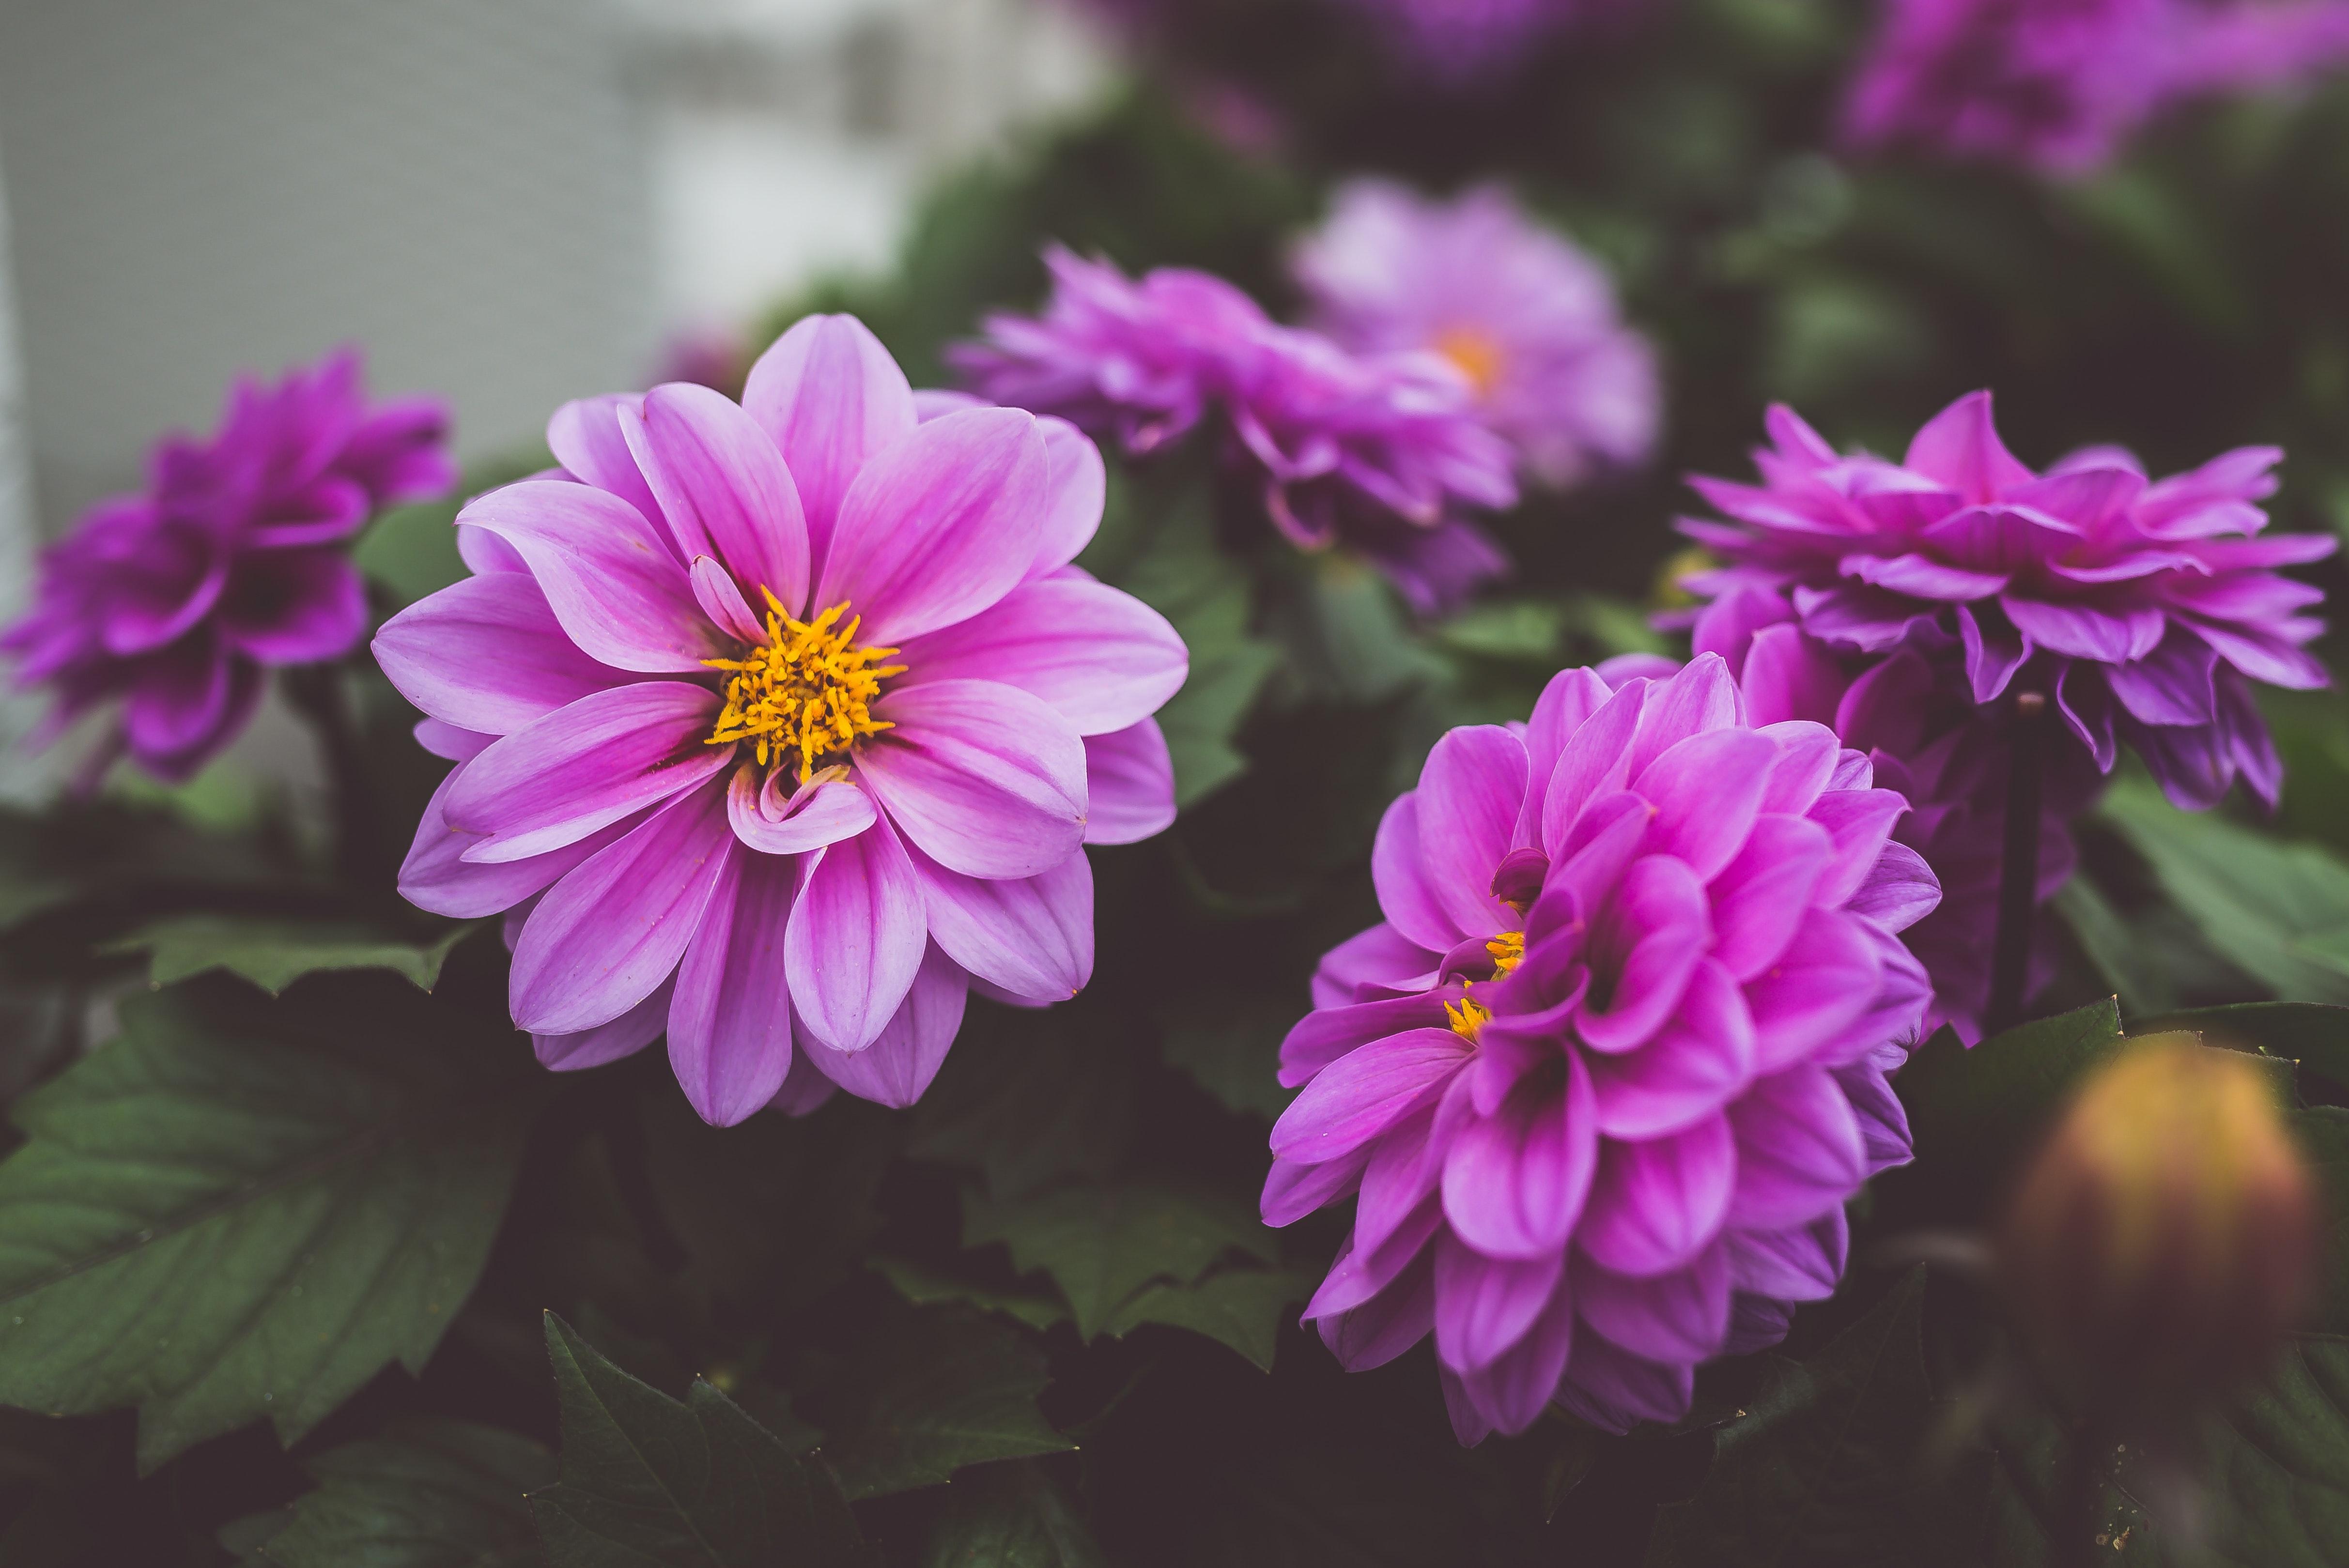 Blumengarten Bilder kostenlose blumengarten bilder pexels